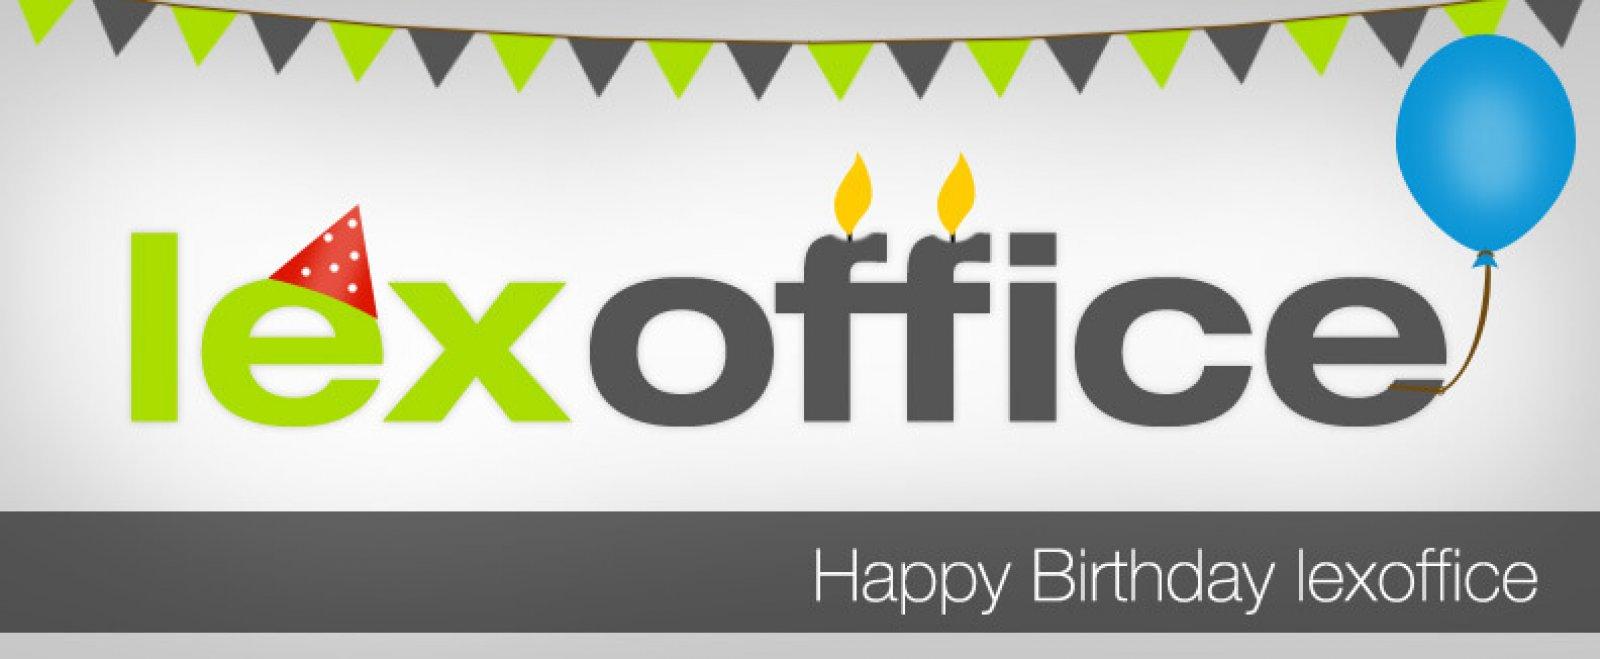 Herzlichen Glückwunsch zum 2. Geburtstag, lexoffice!